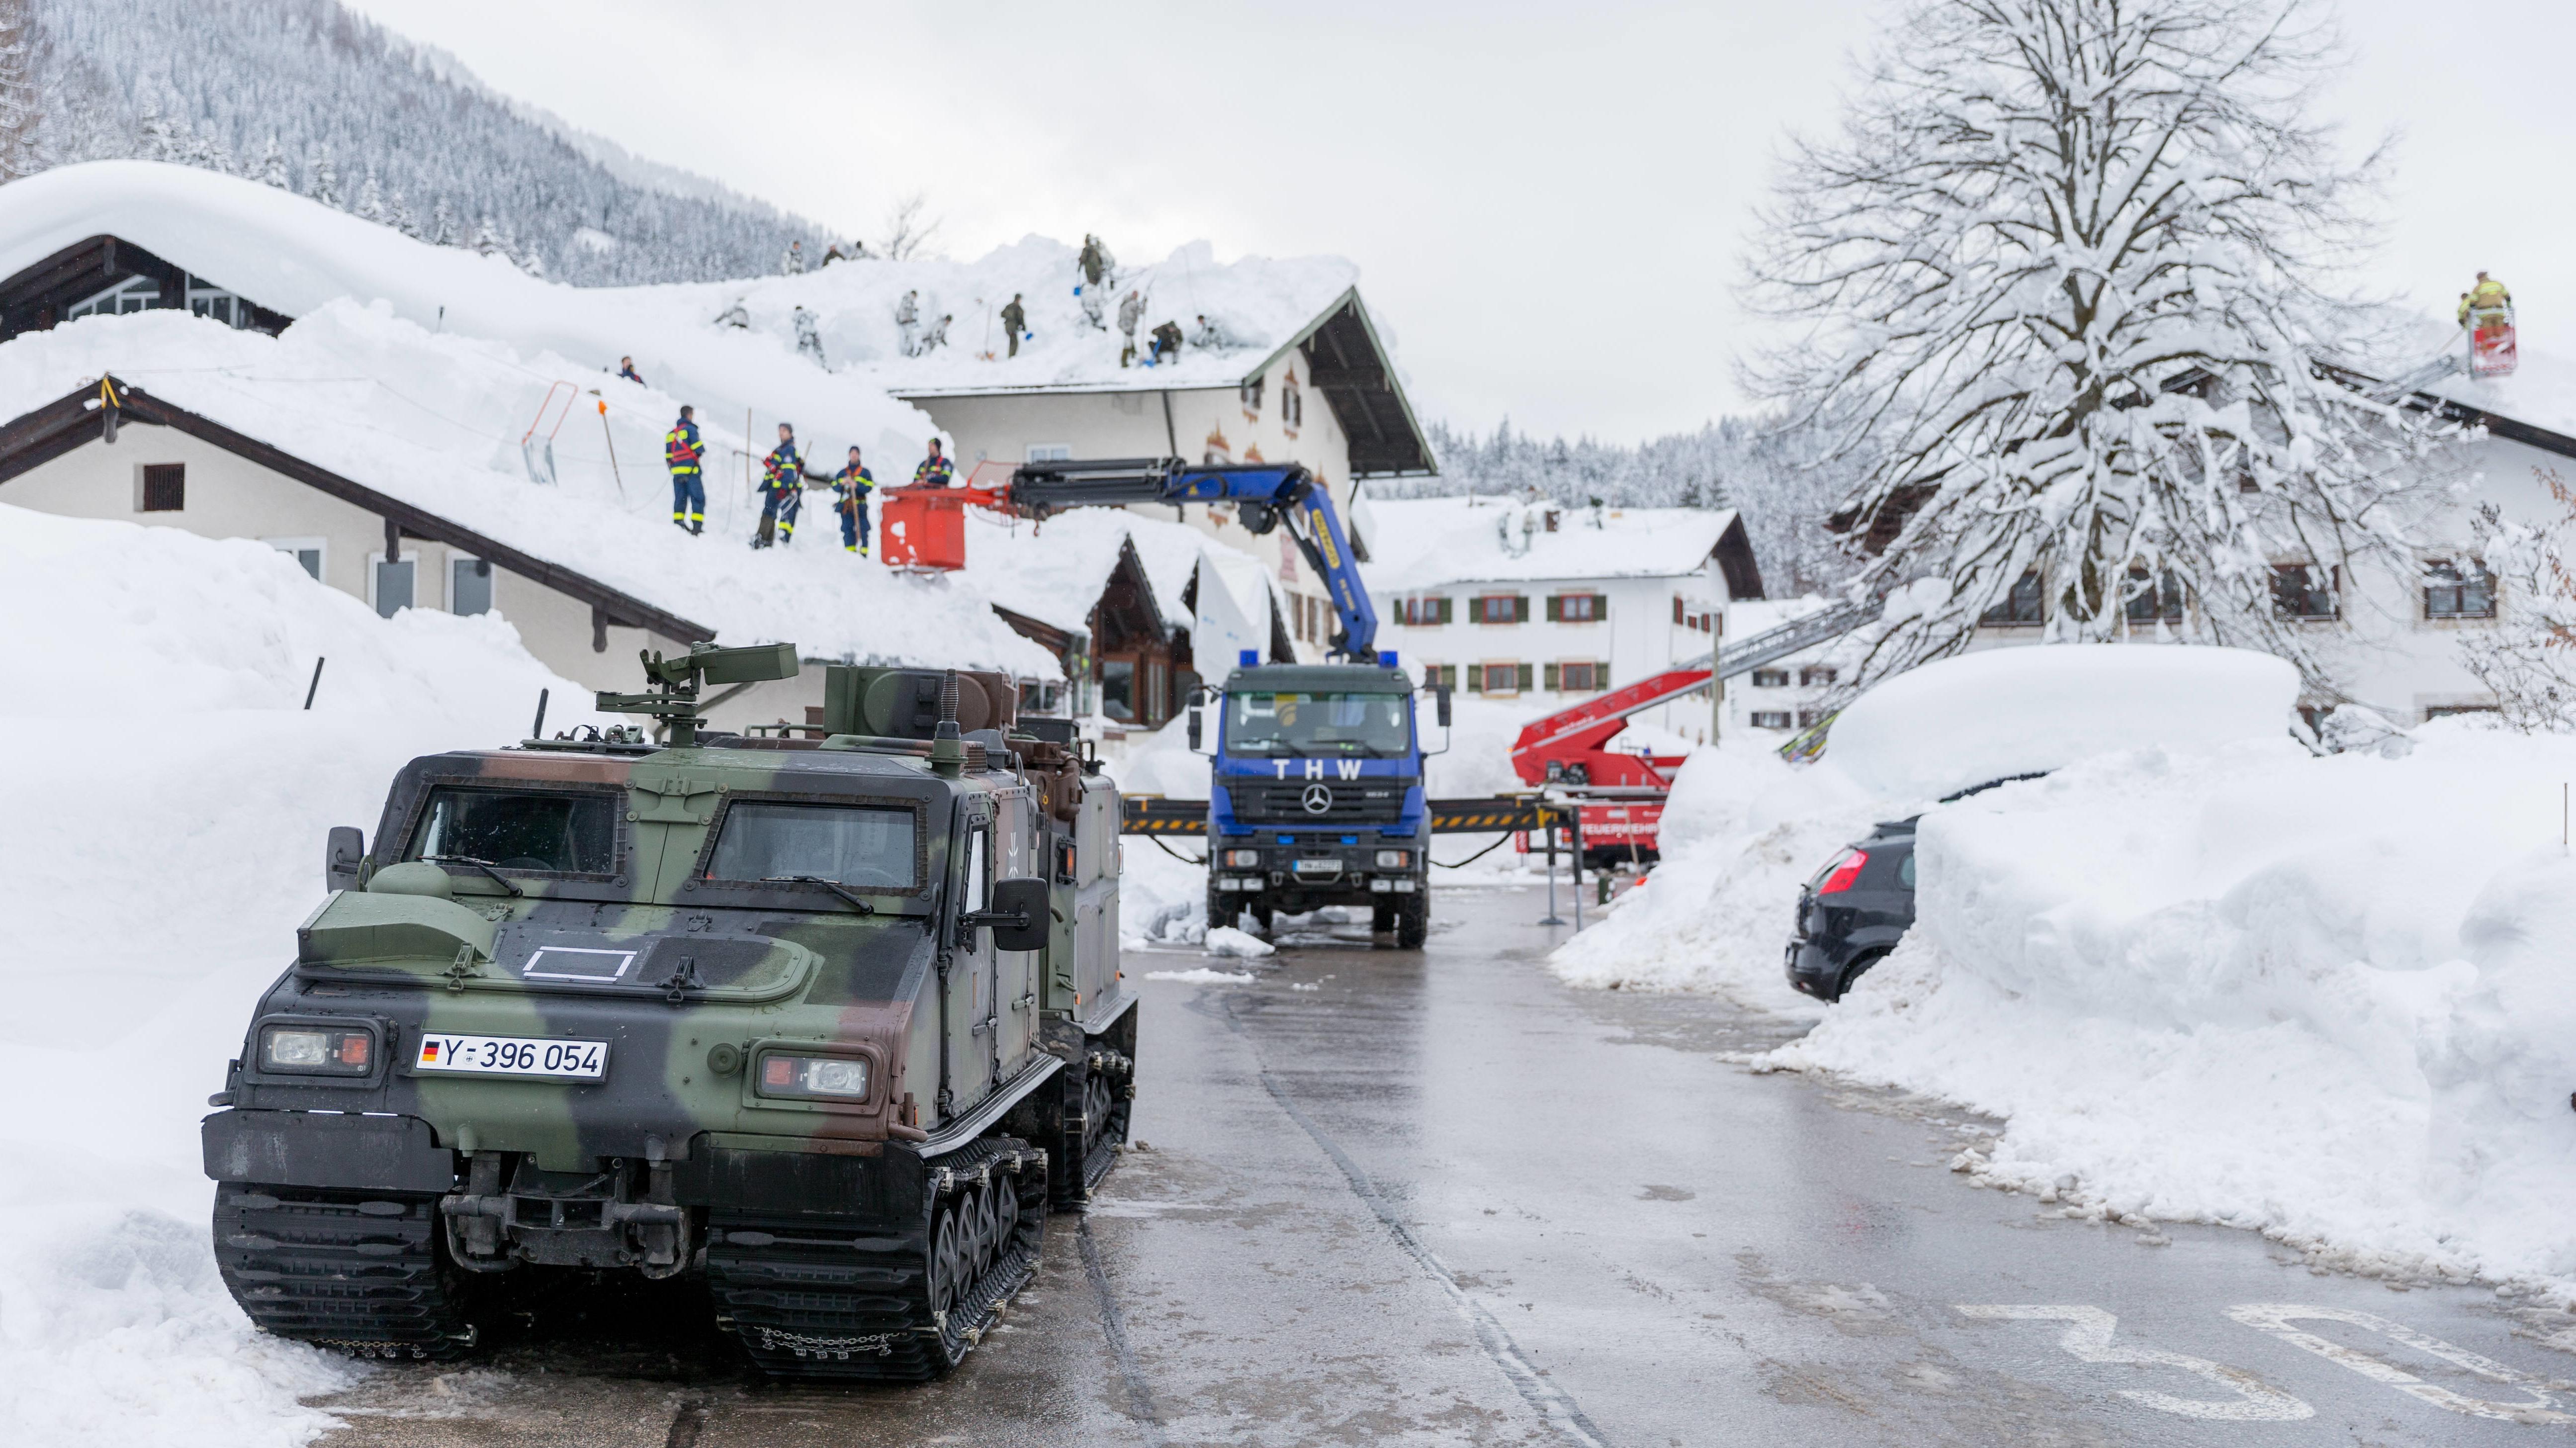 Einsatzteams der Gebirgsjägerbrigade 23, des Technischen Hilfswerks und der Feuerwehr räumen Schnee von Hausdächern im Berchtesgadener Land.